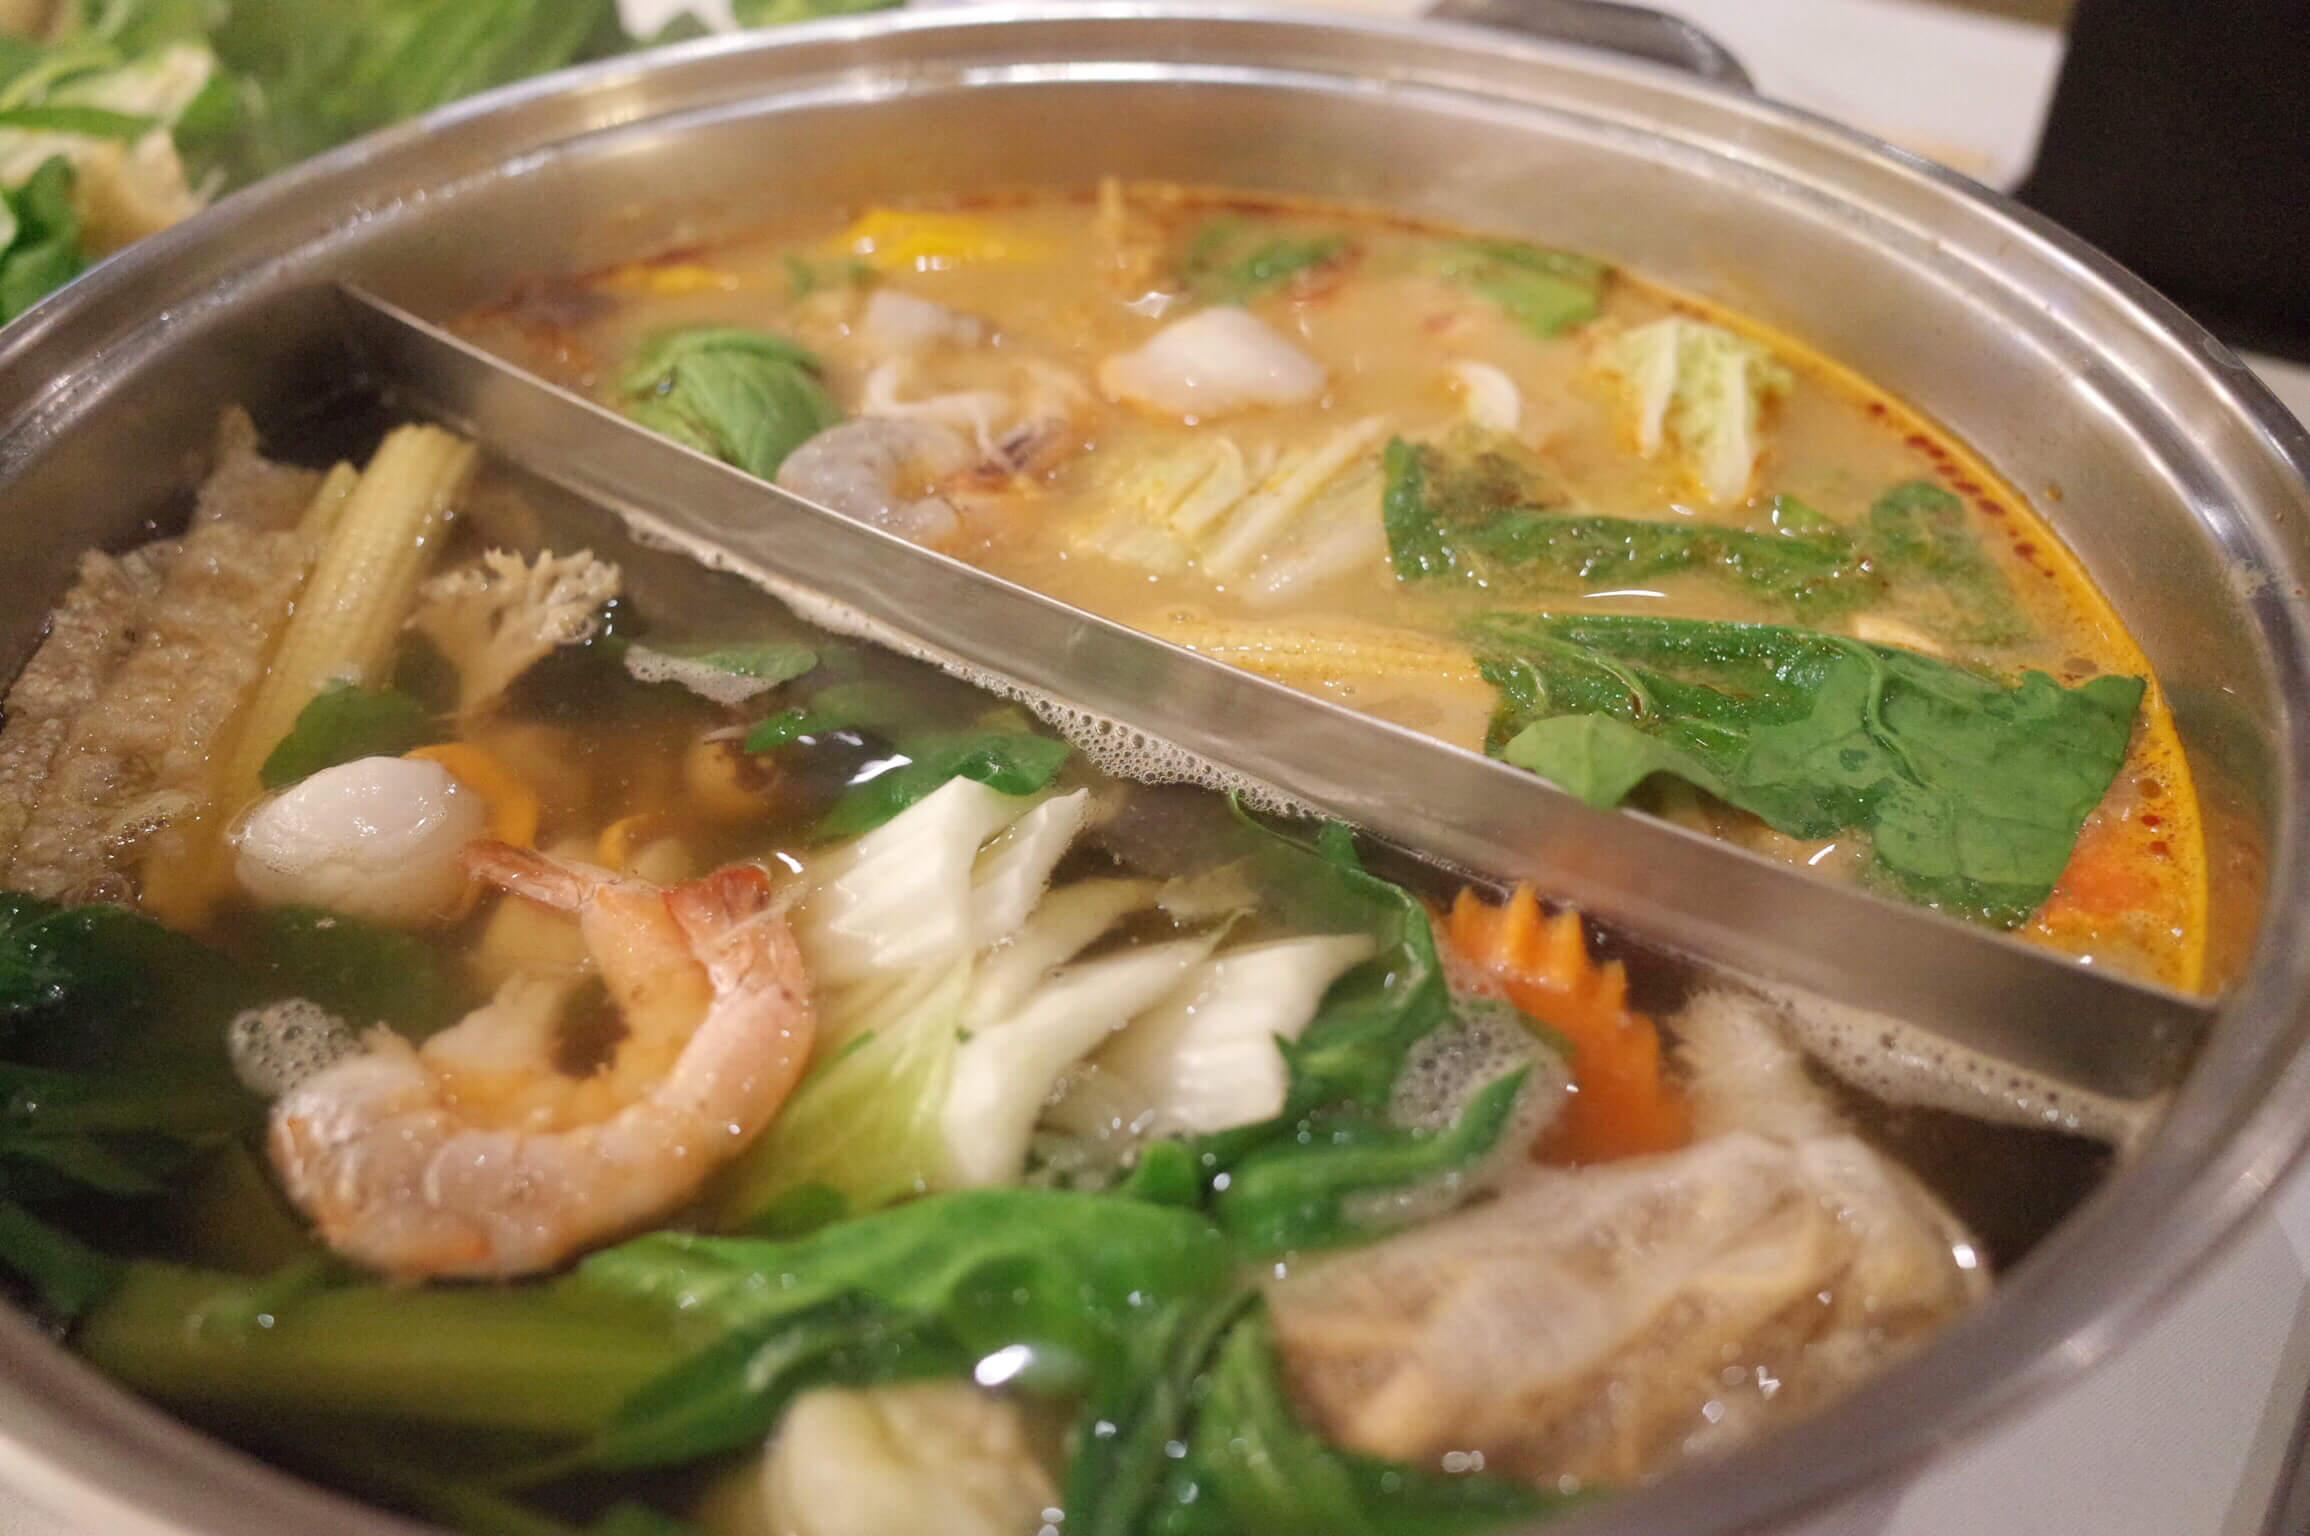 バンコク タイスキ発祥の「コカレストラン」で伝統の味を堪能。五臓六腑にしみわたるタイ料理だった